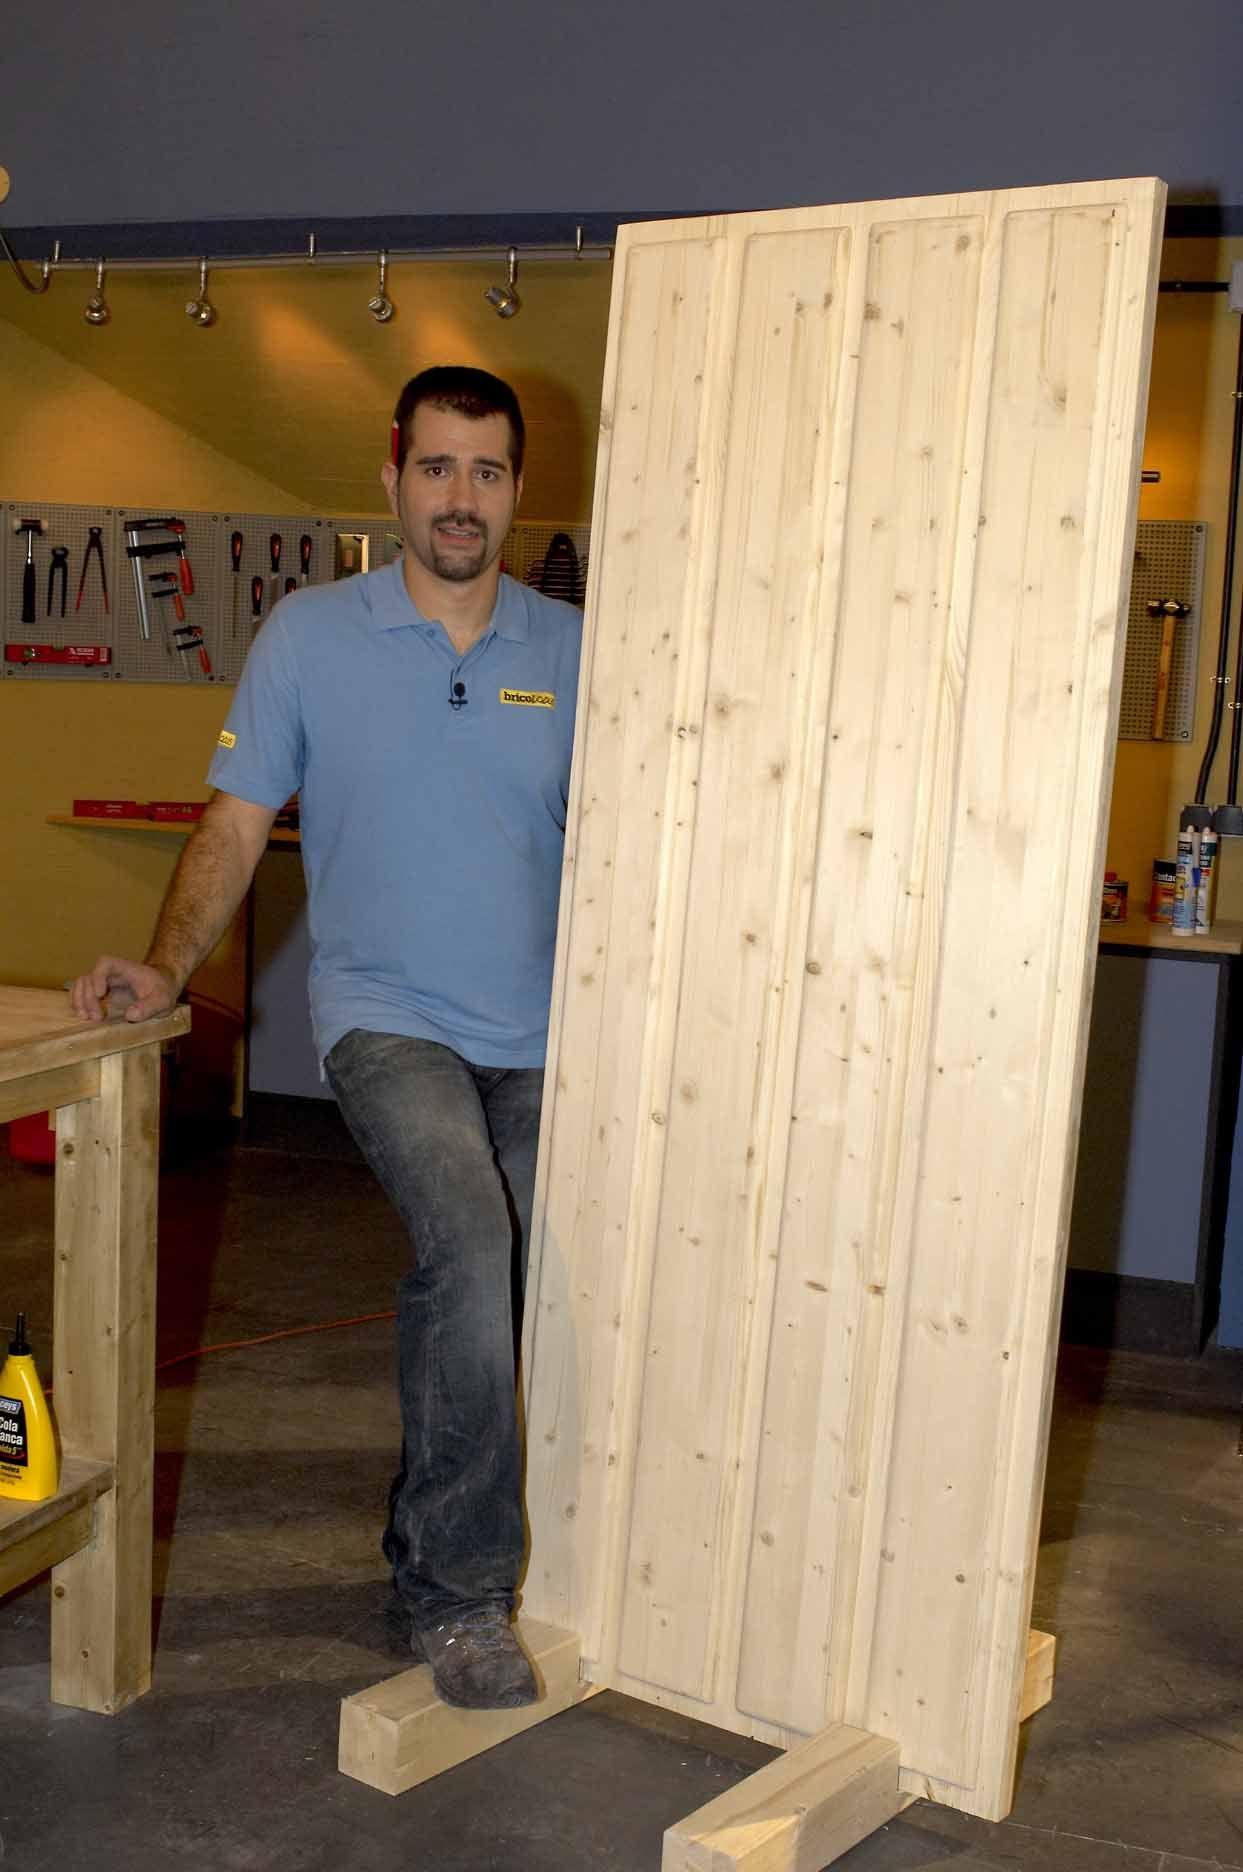 C mo hacer una puerta r stica de madera let 39 s do it - Como hacer una puerta rustica ...